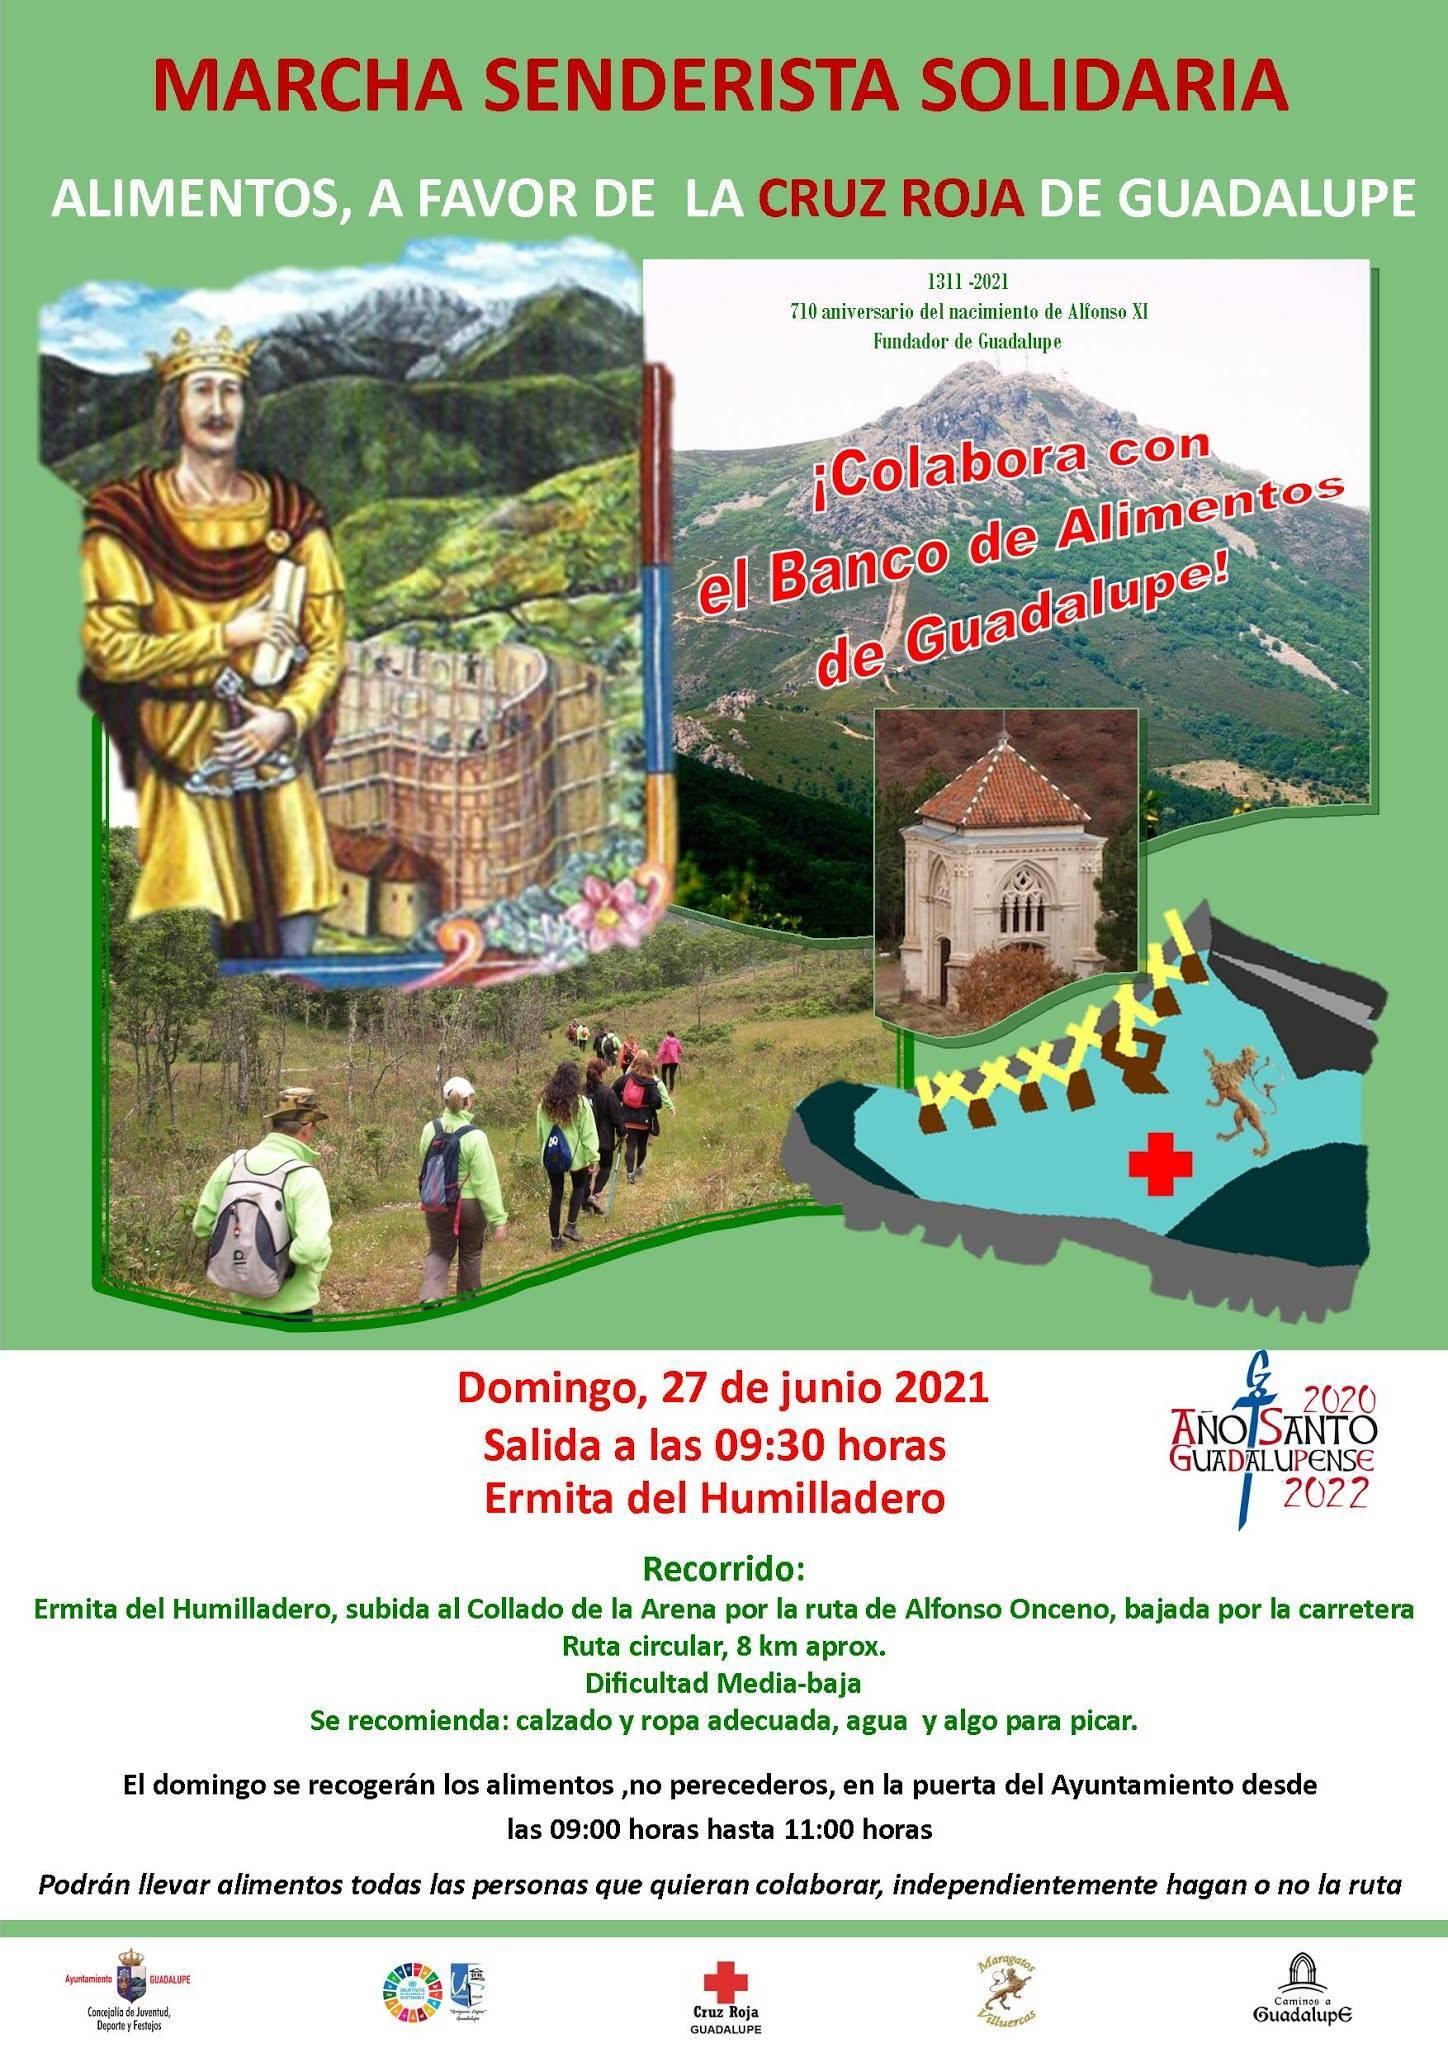 Marcha senderista solidaria (junio 2021) - Guadalupe (Cáceres)